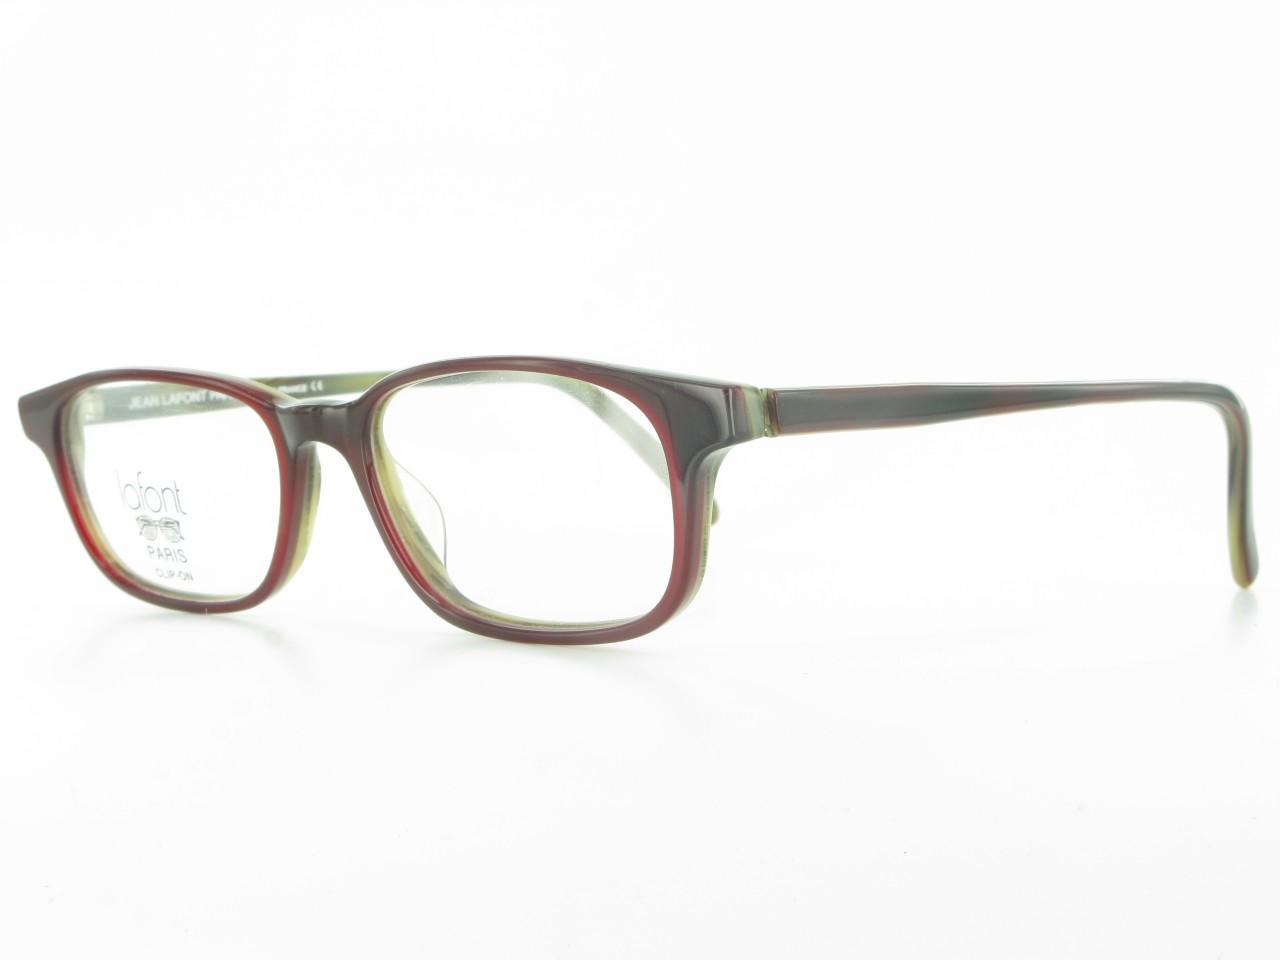 Glasses Frame Made In France : LAFONT PARIS Cursus EYEGLASS FRAMES Made In France